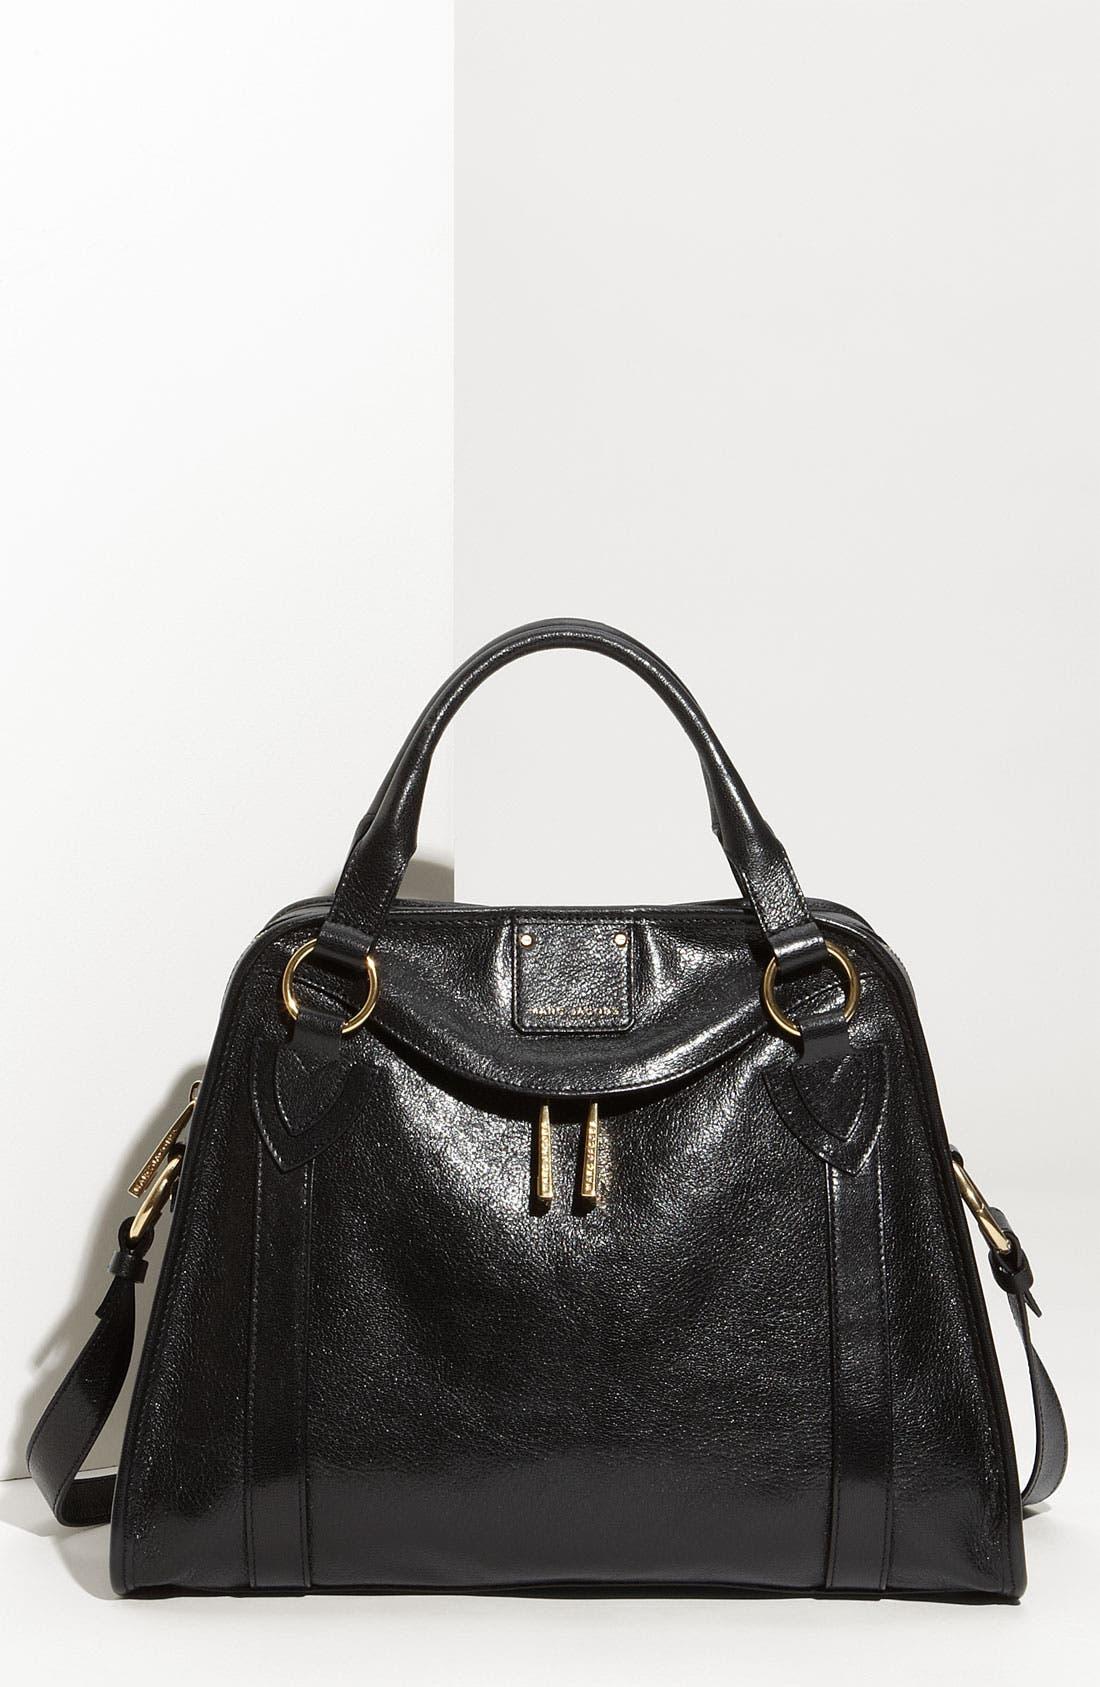 MARC JACOBS, 'Classic Wellington' Leather Satchel, Main thumbnail 1, color, 001